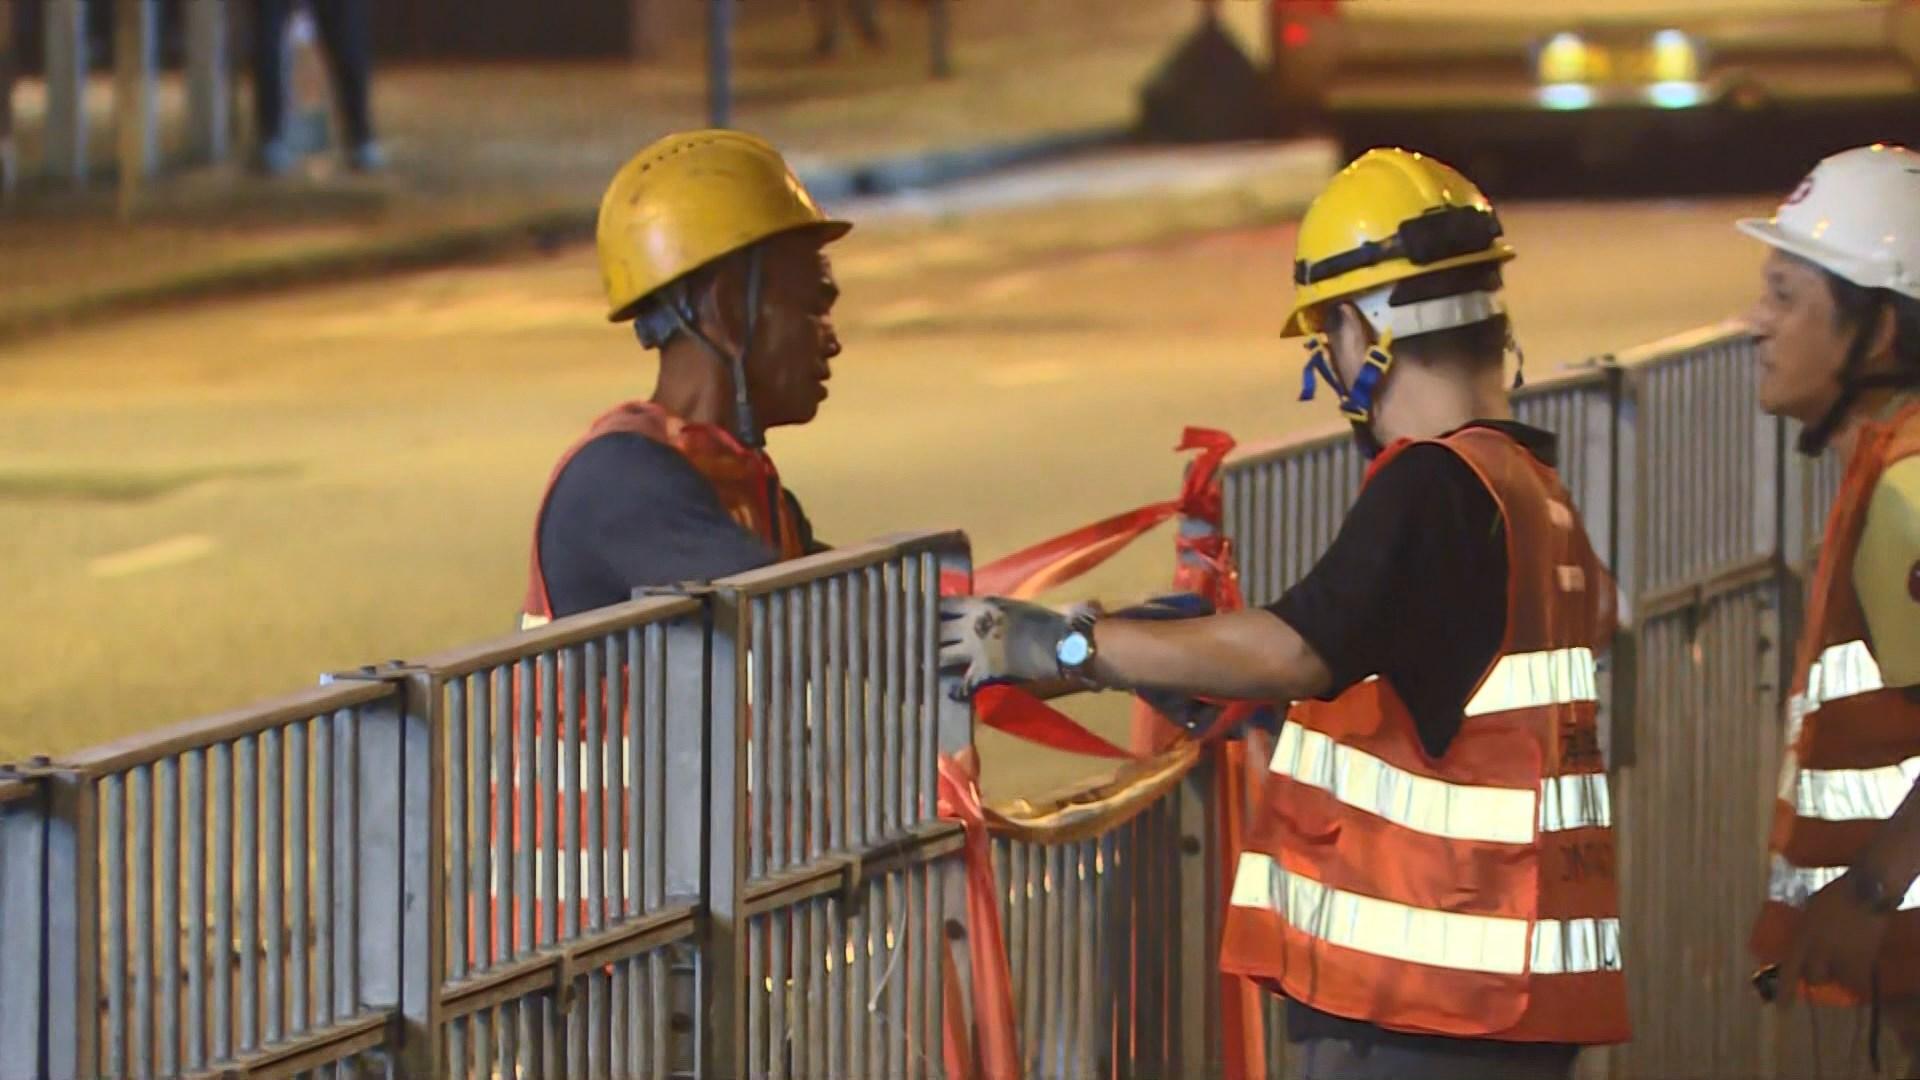 港鐵派職員沿路軌檢查輕鐵設施